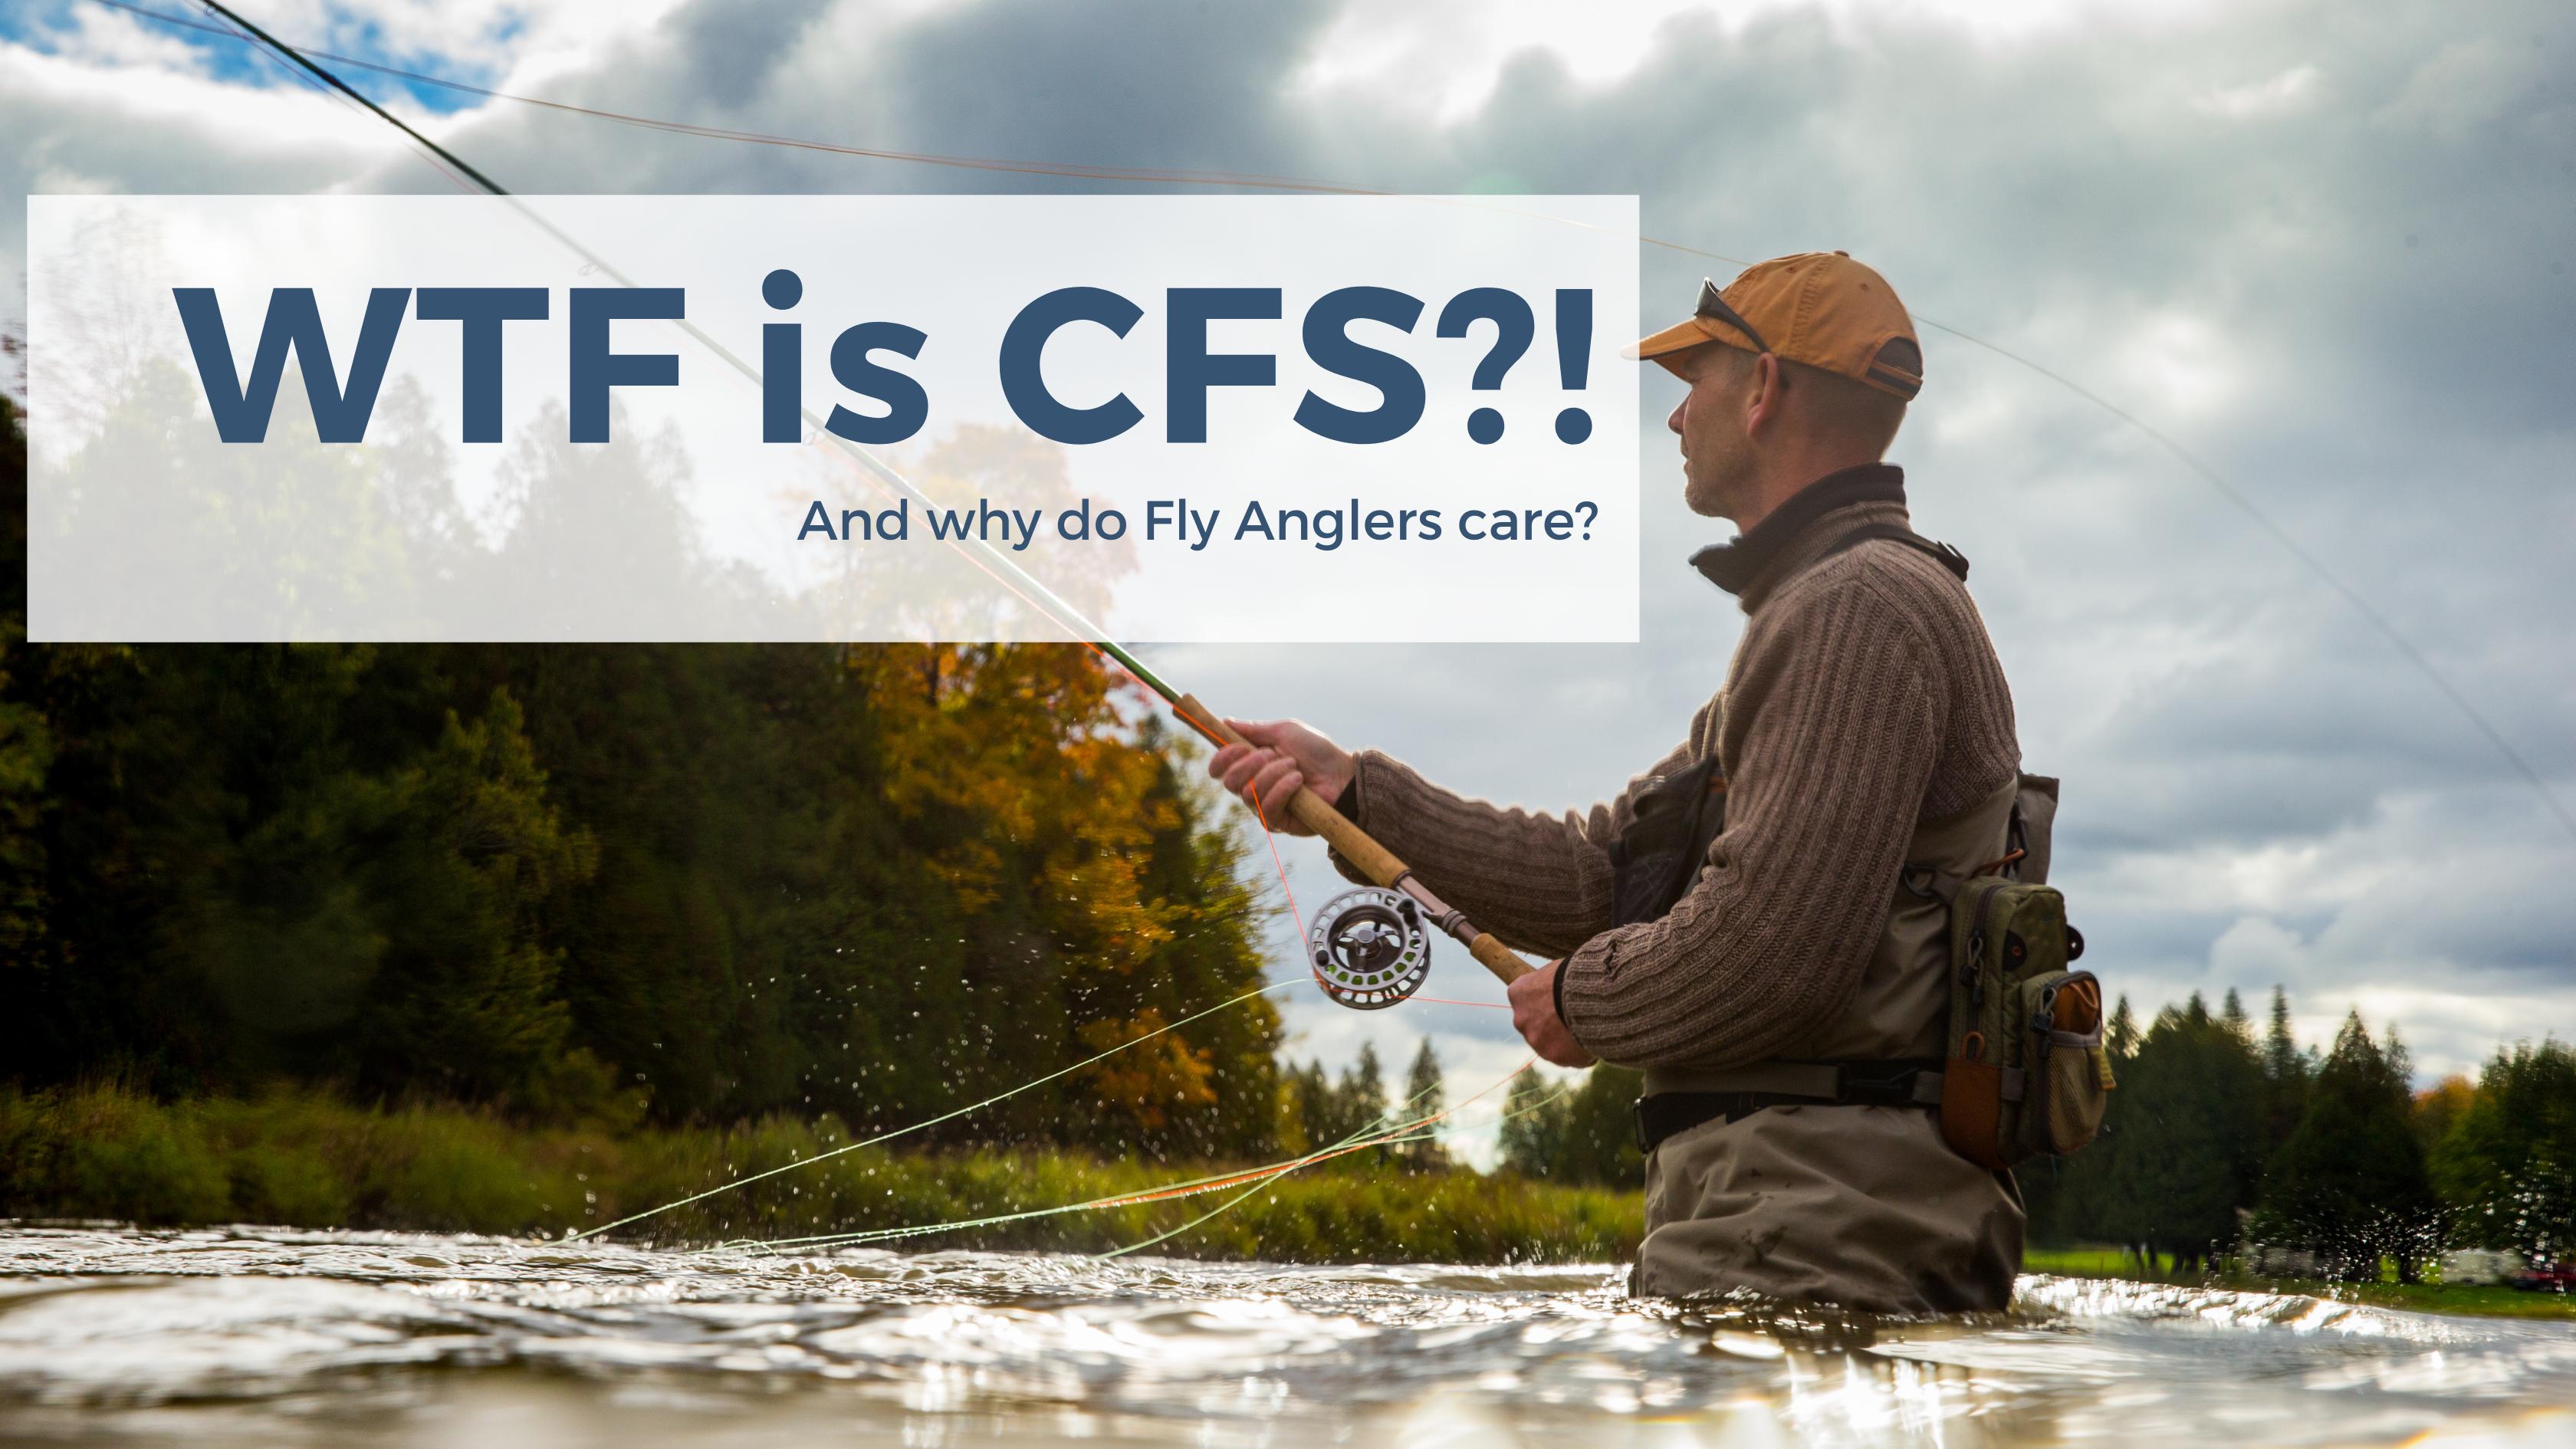 WTF is CFS?!